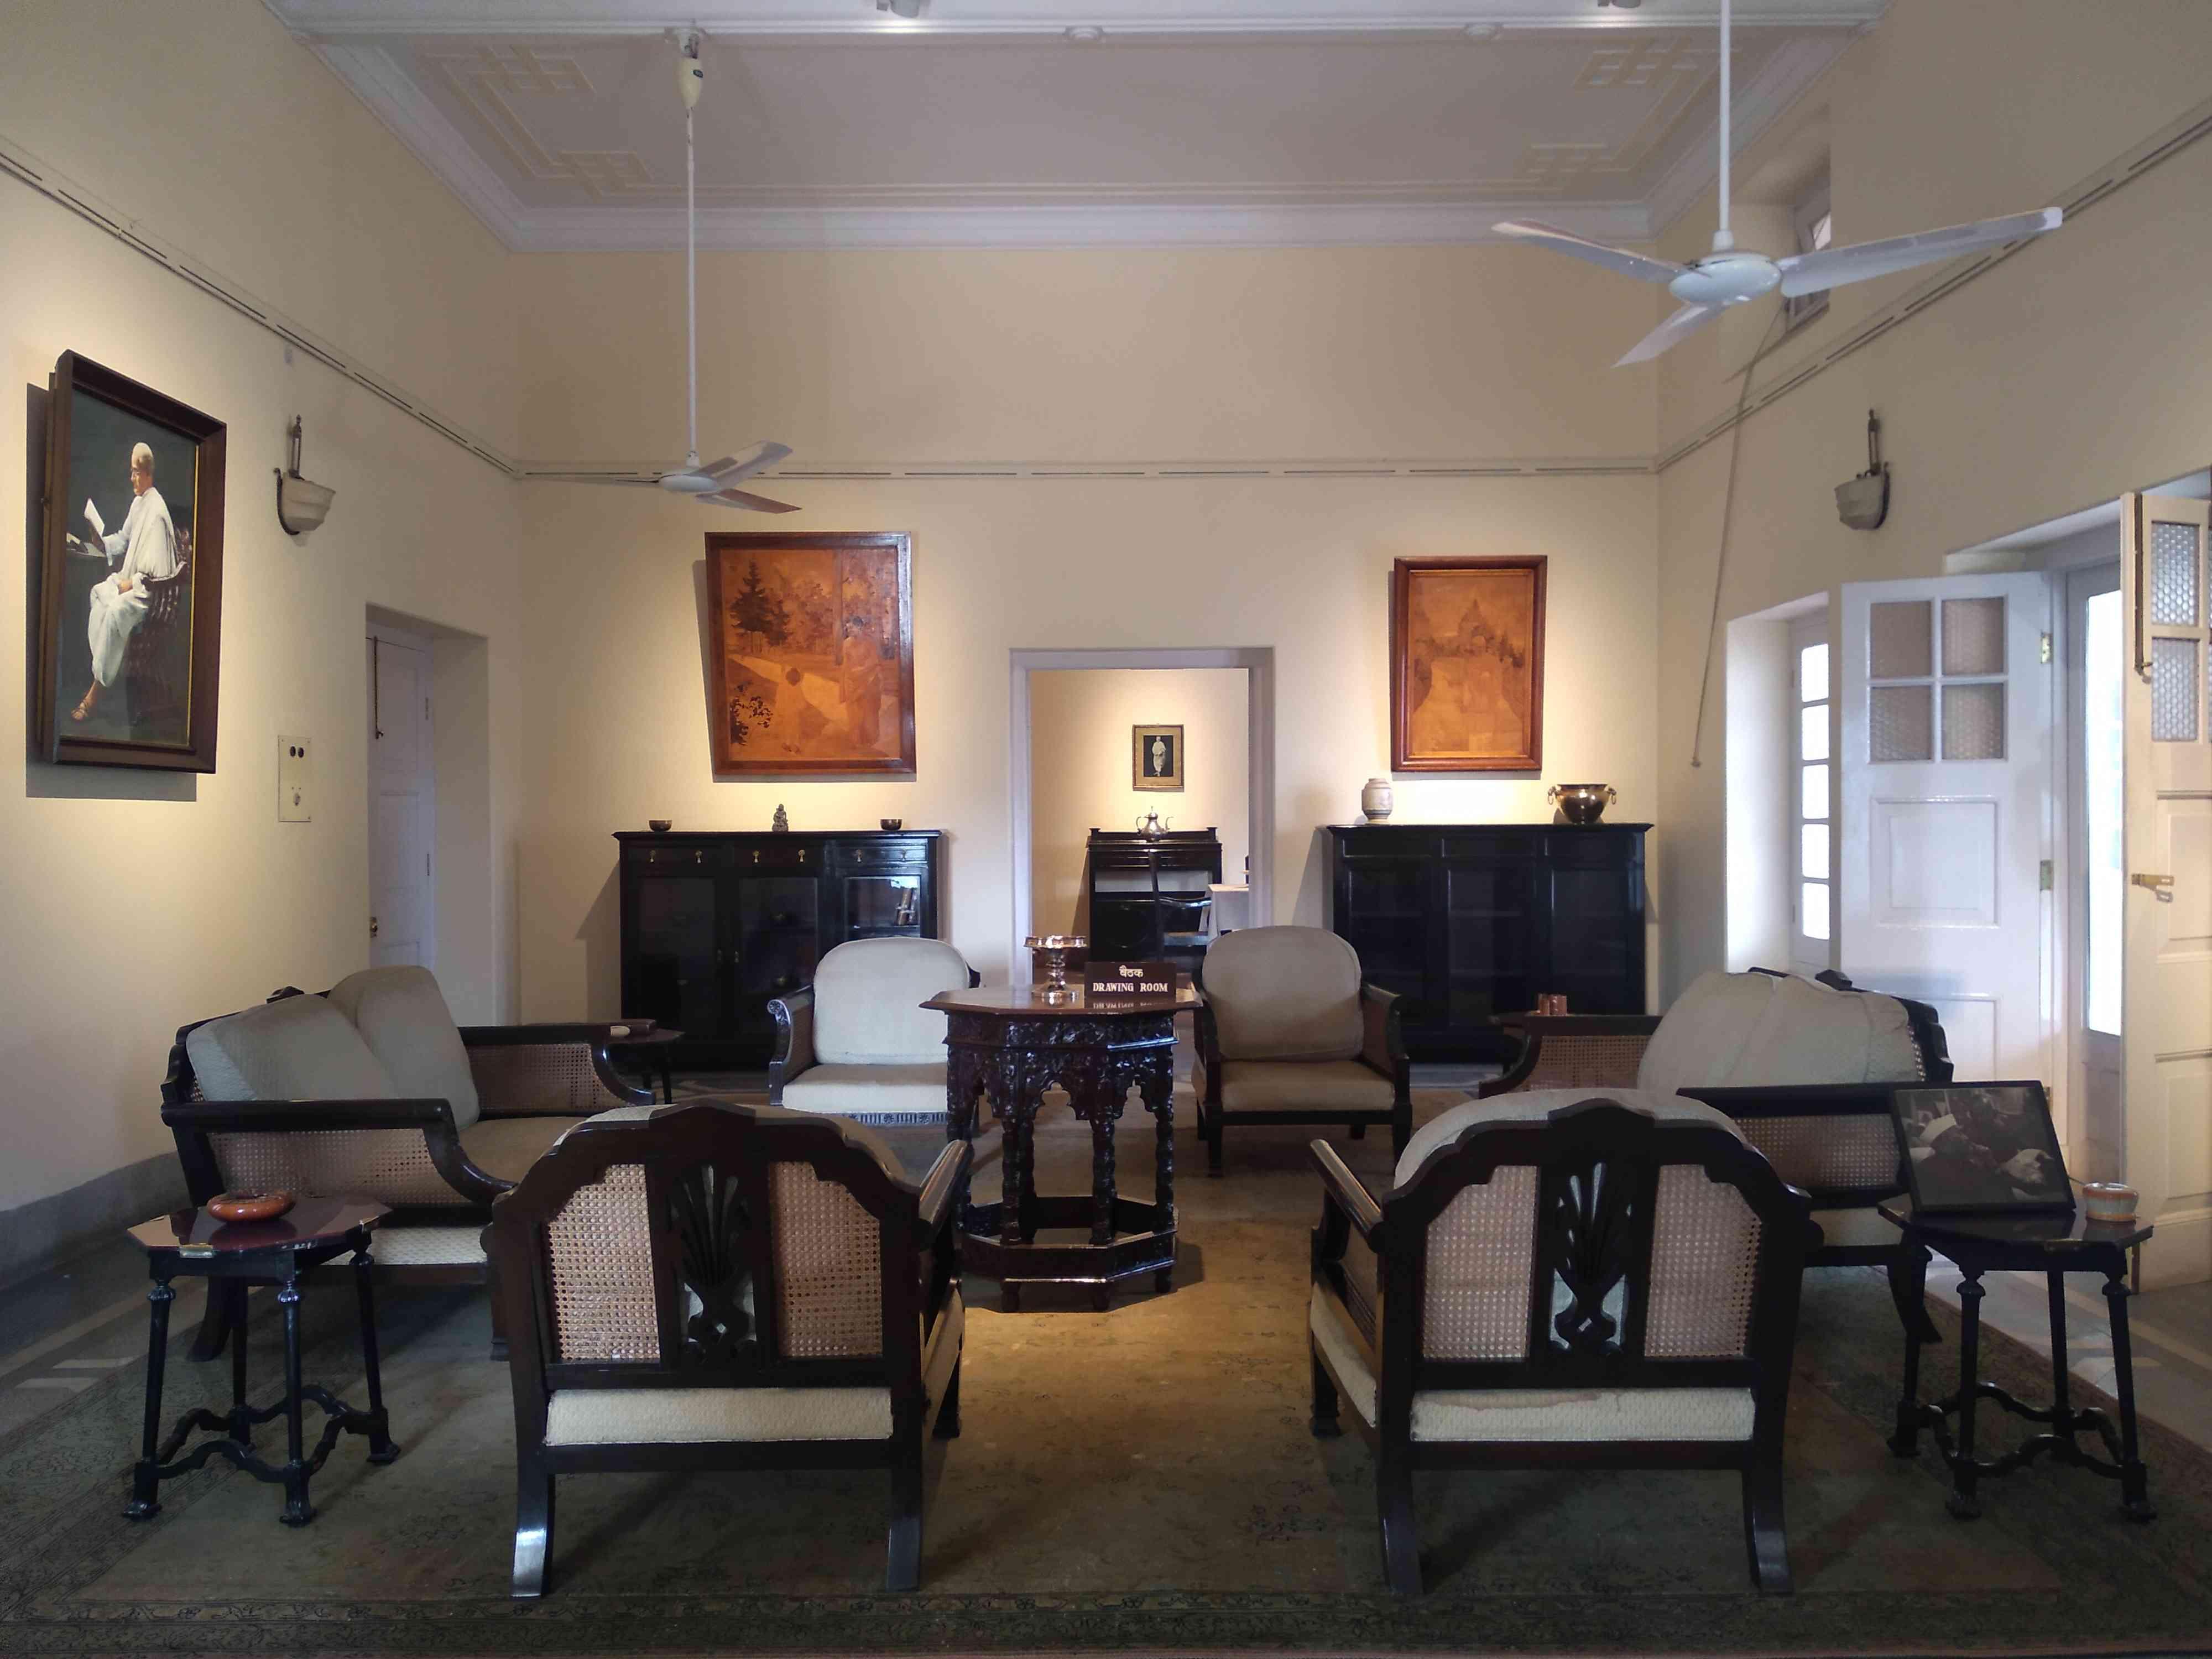 नेहरू परिवार का बैठक कमरा